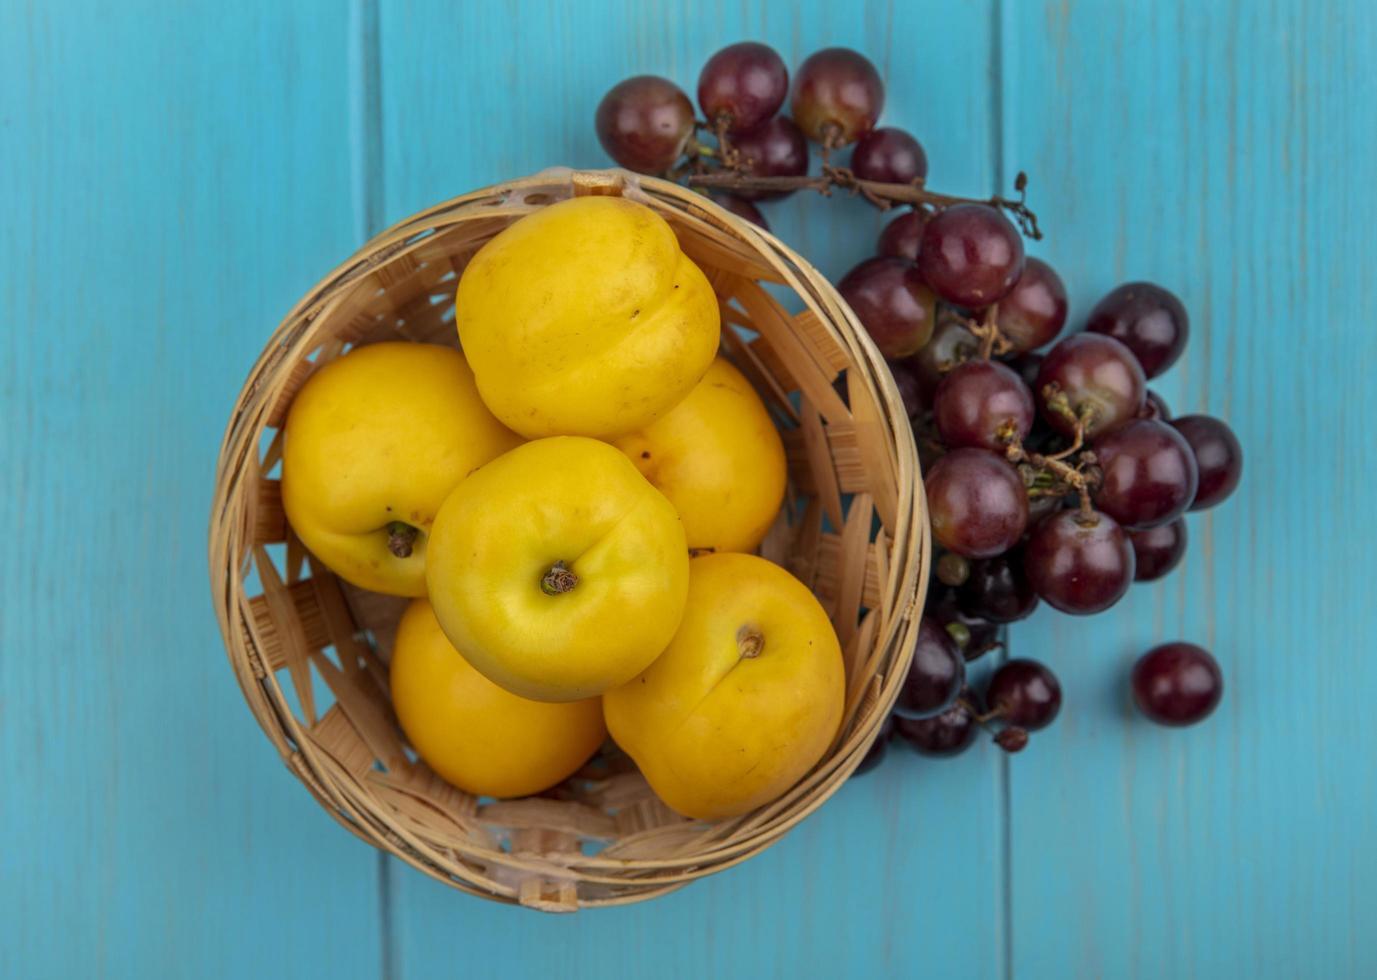 sortierte Frucht in einem Korb auf blauem Hintergrund foto